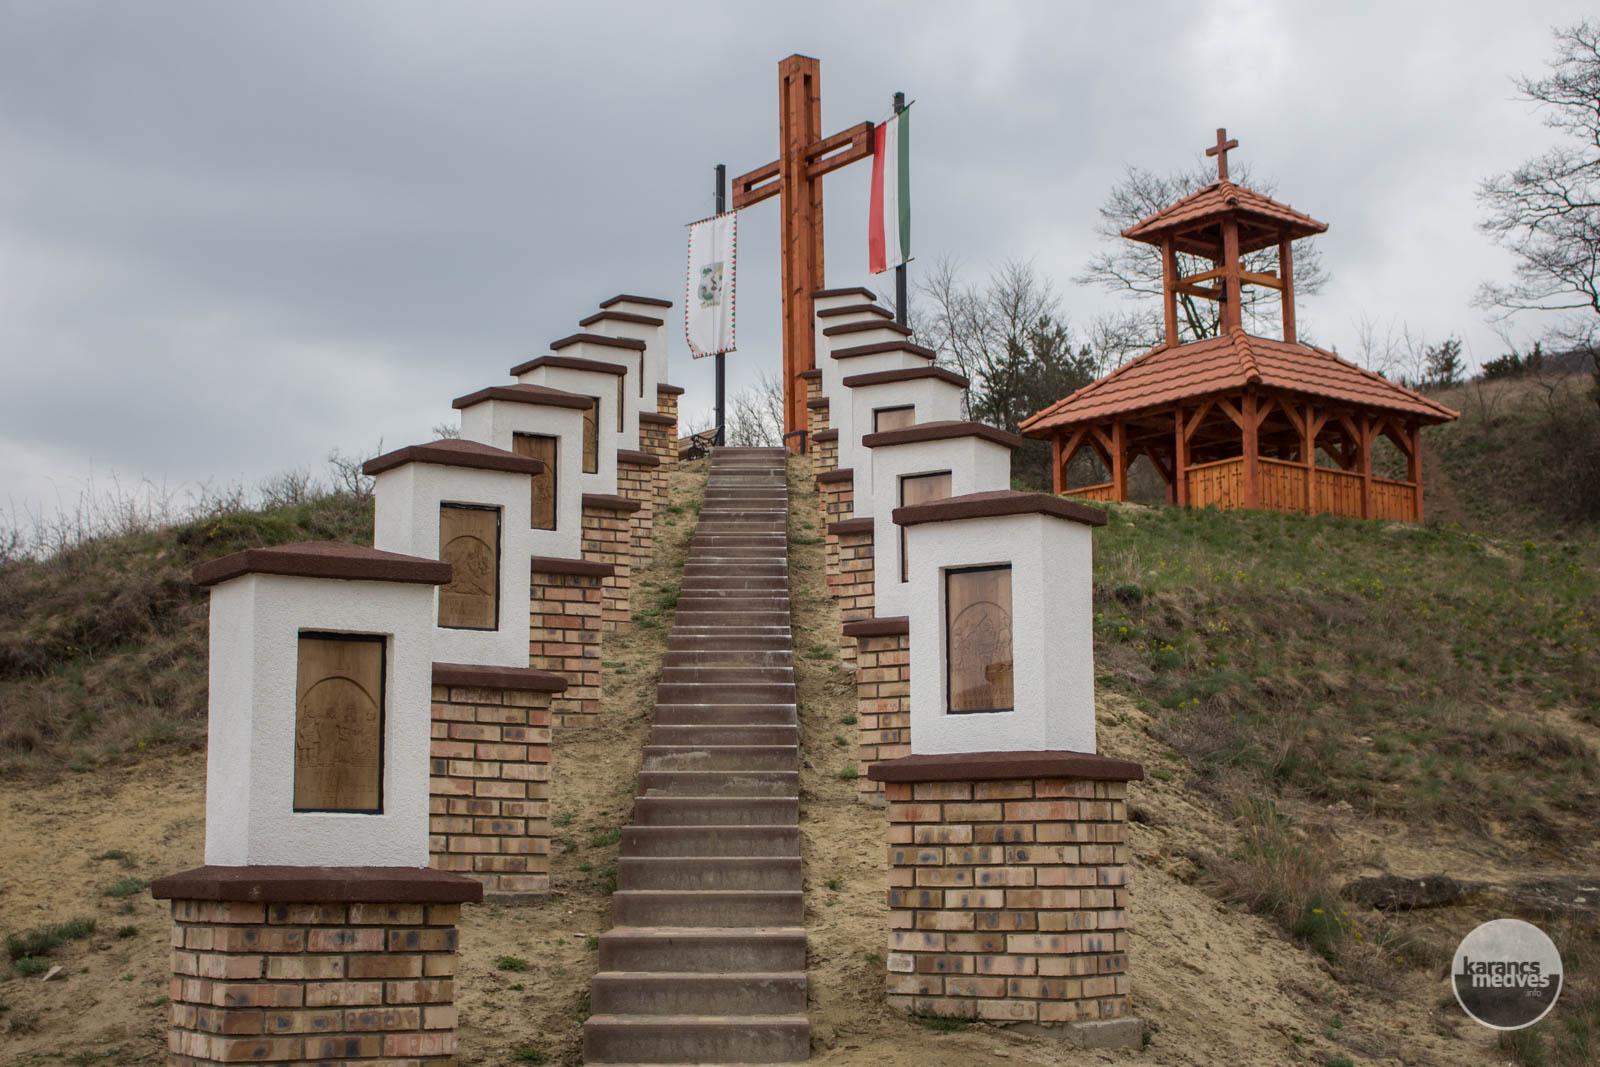 Keresztút és harangláb a Zsához-tetőn 2021. áprilisában (karancs-medves.info fotók: Kéri István)